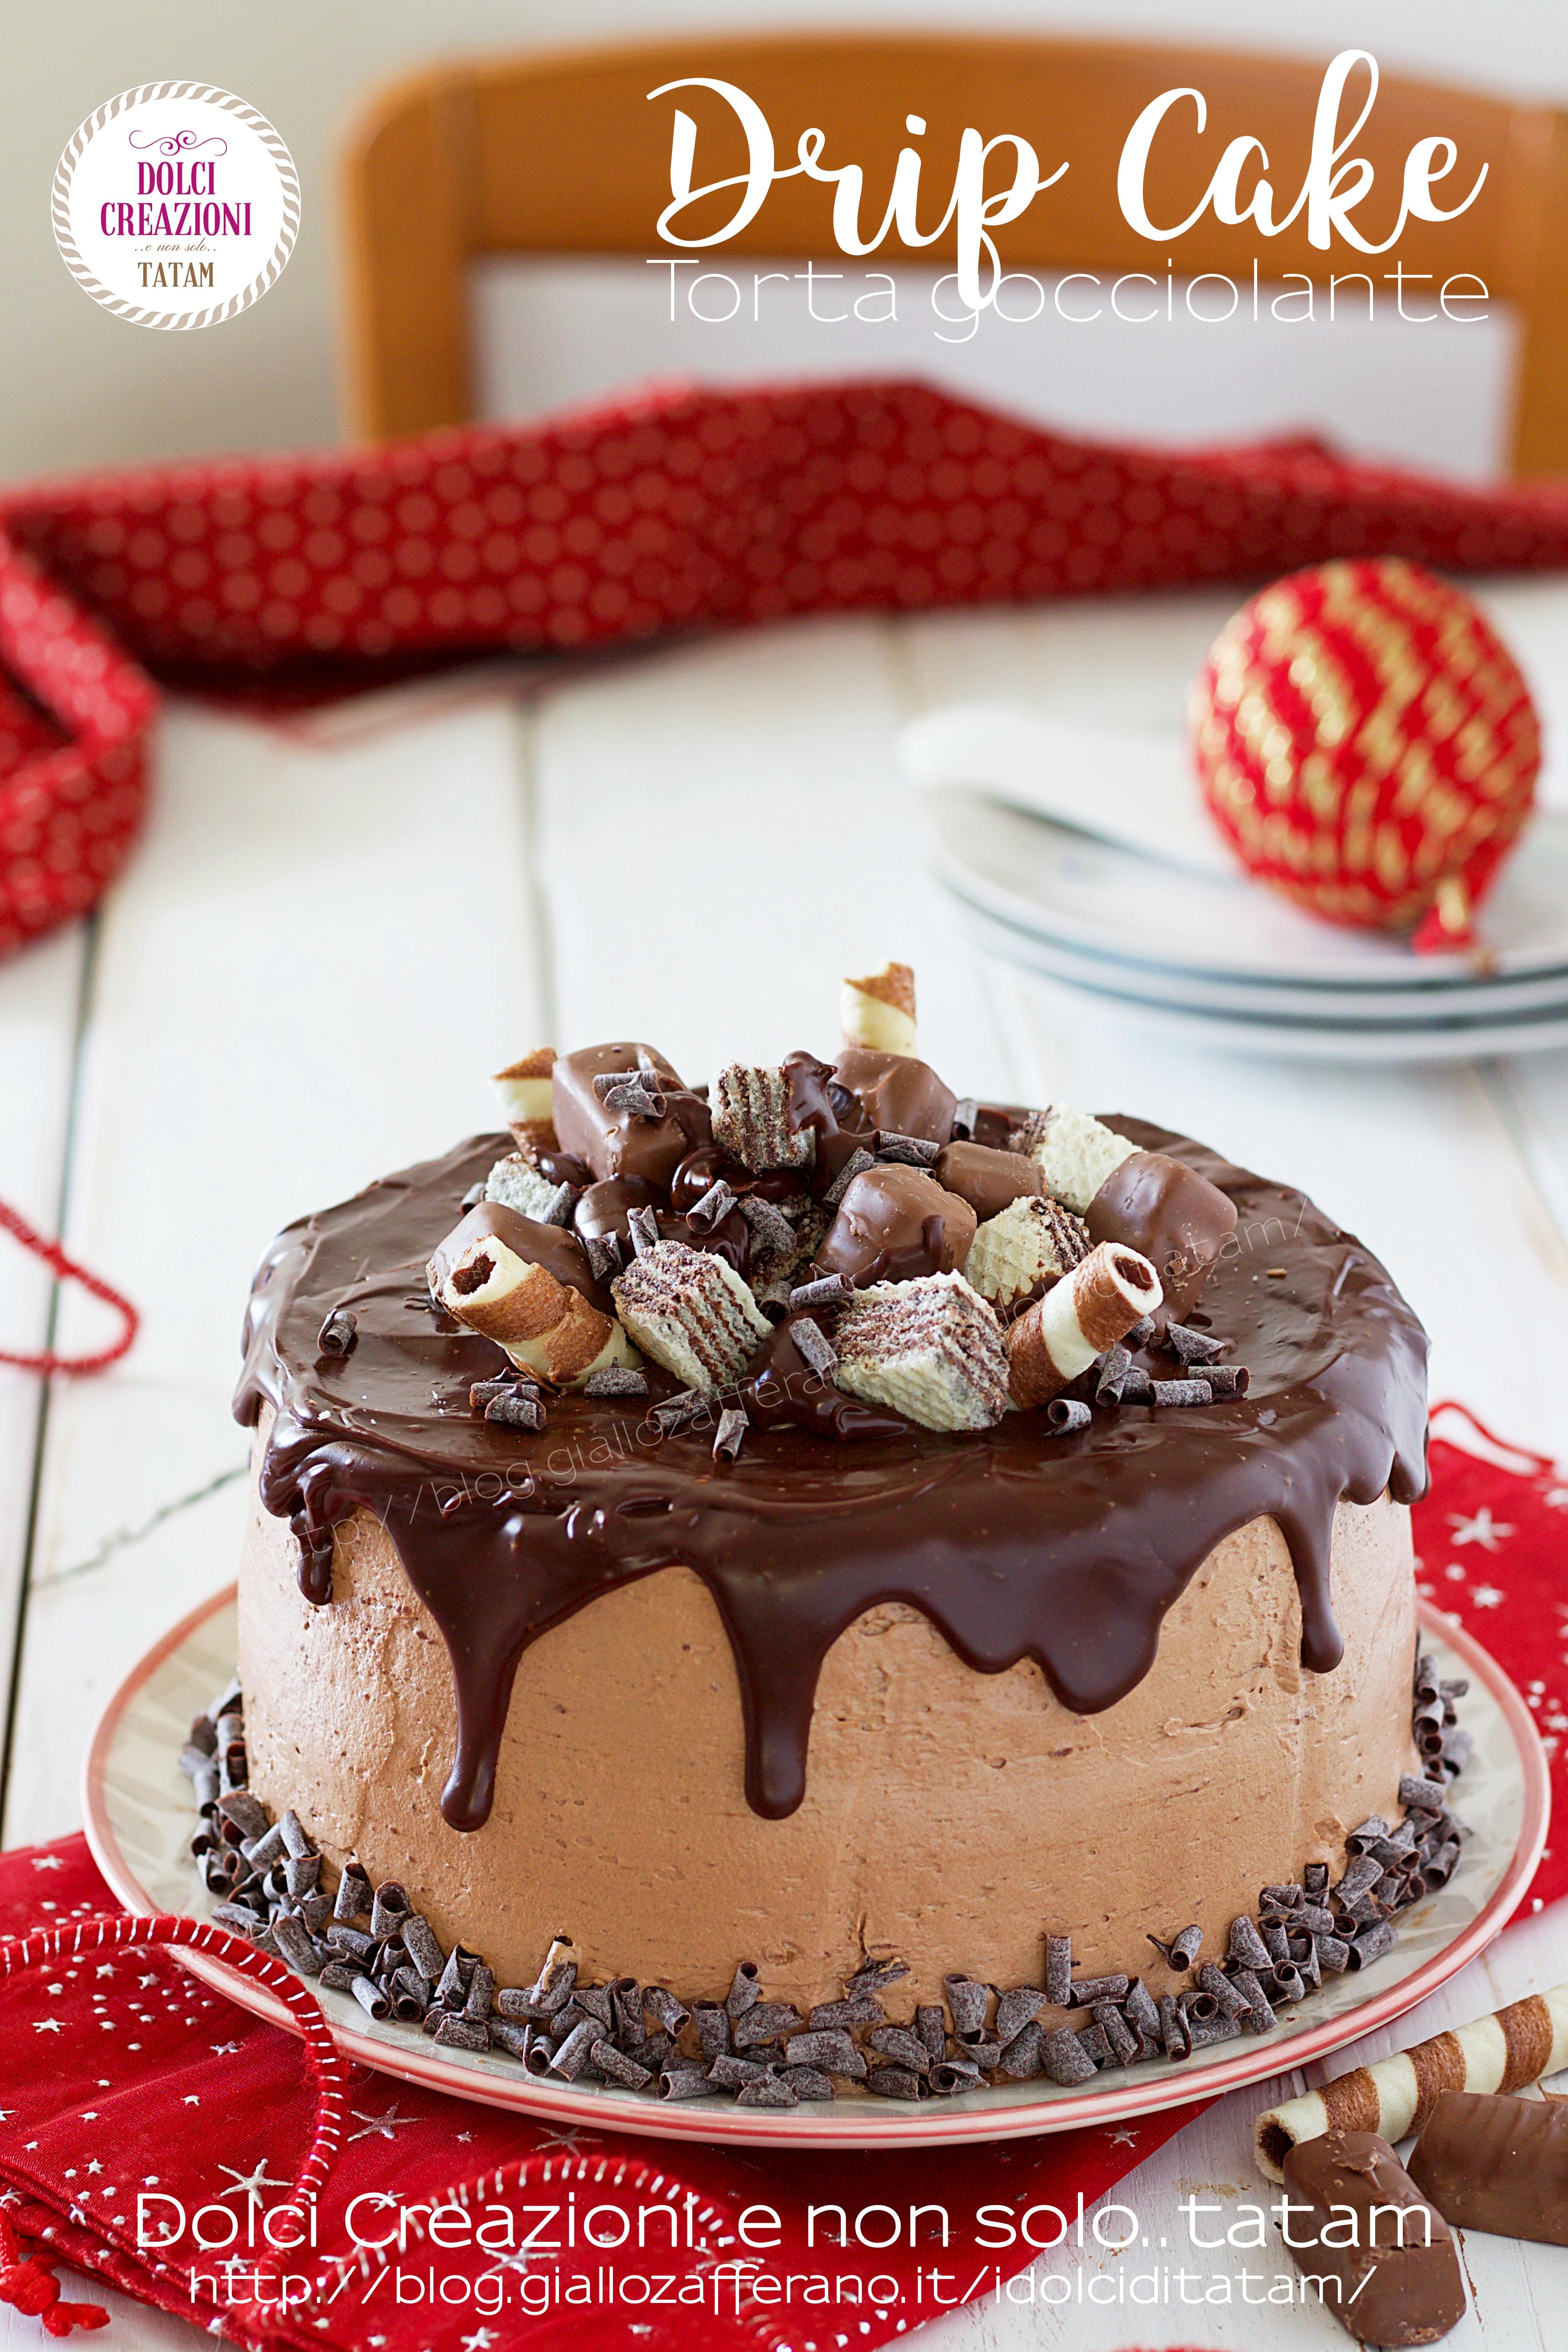 Drip cake al cioccolato delle feste